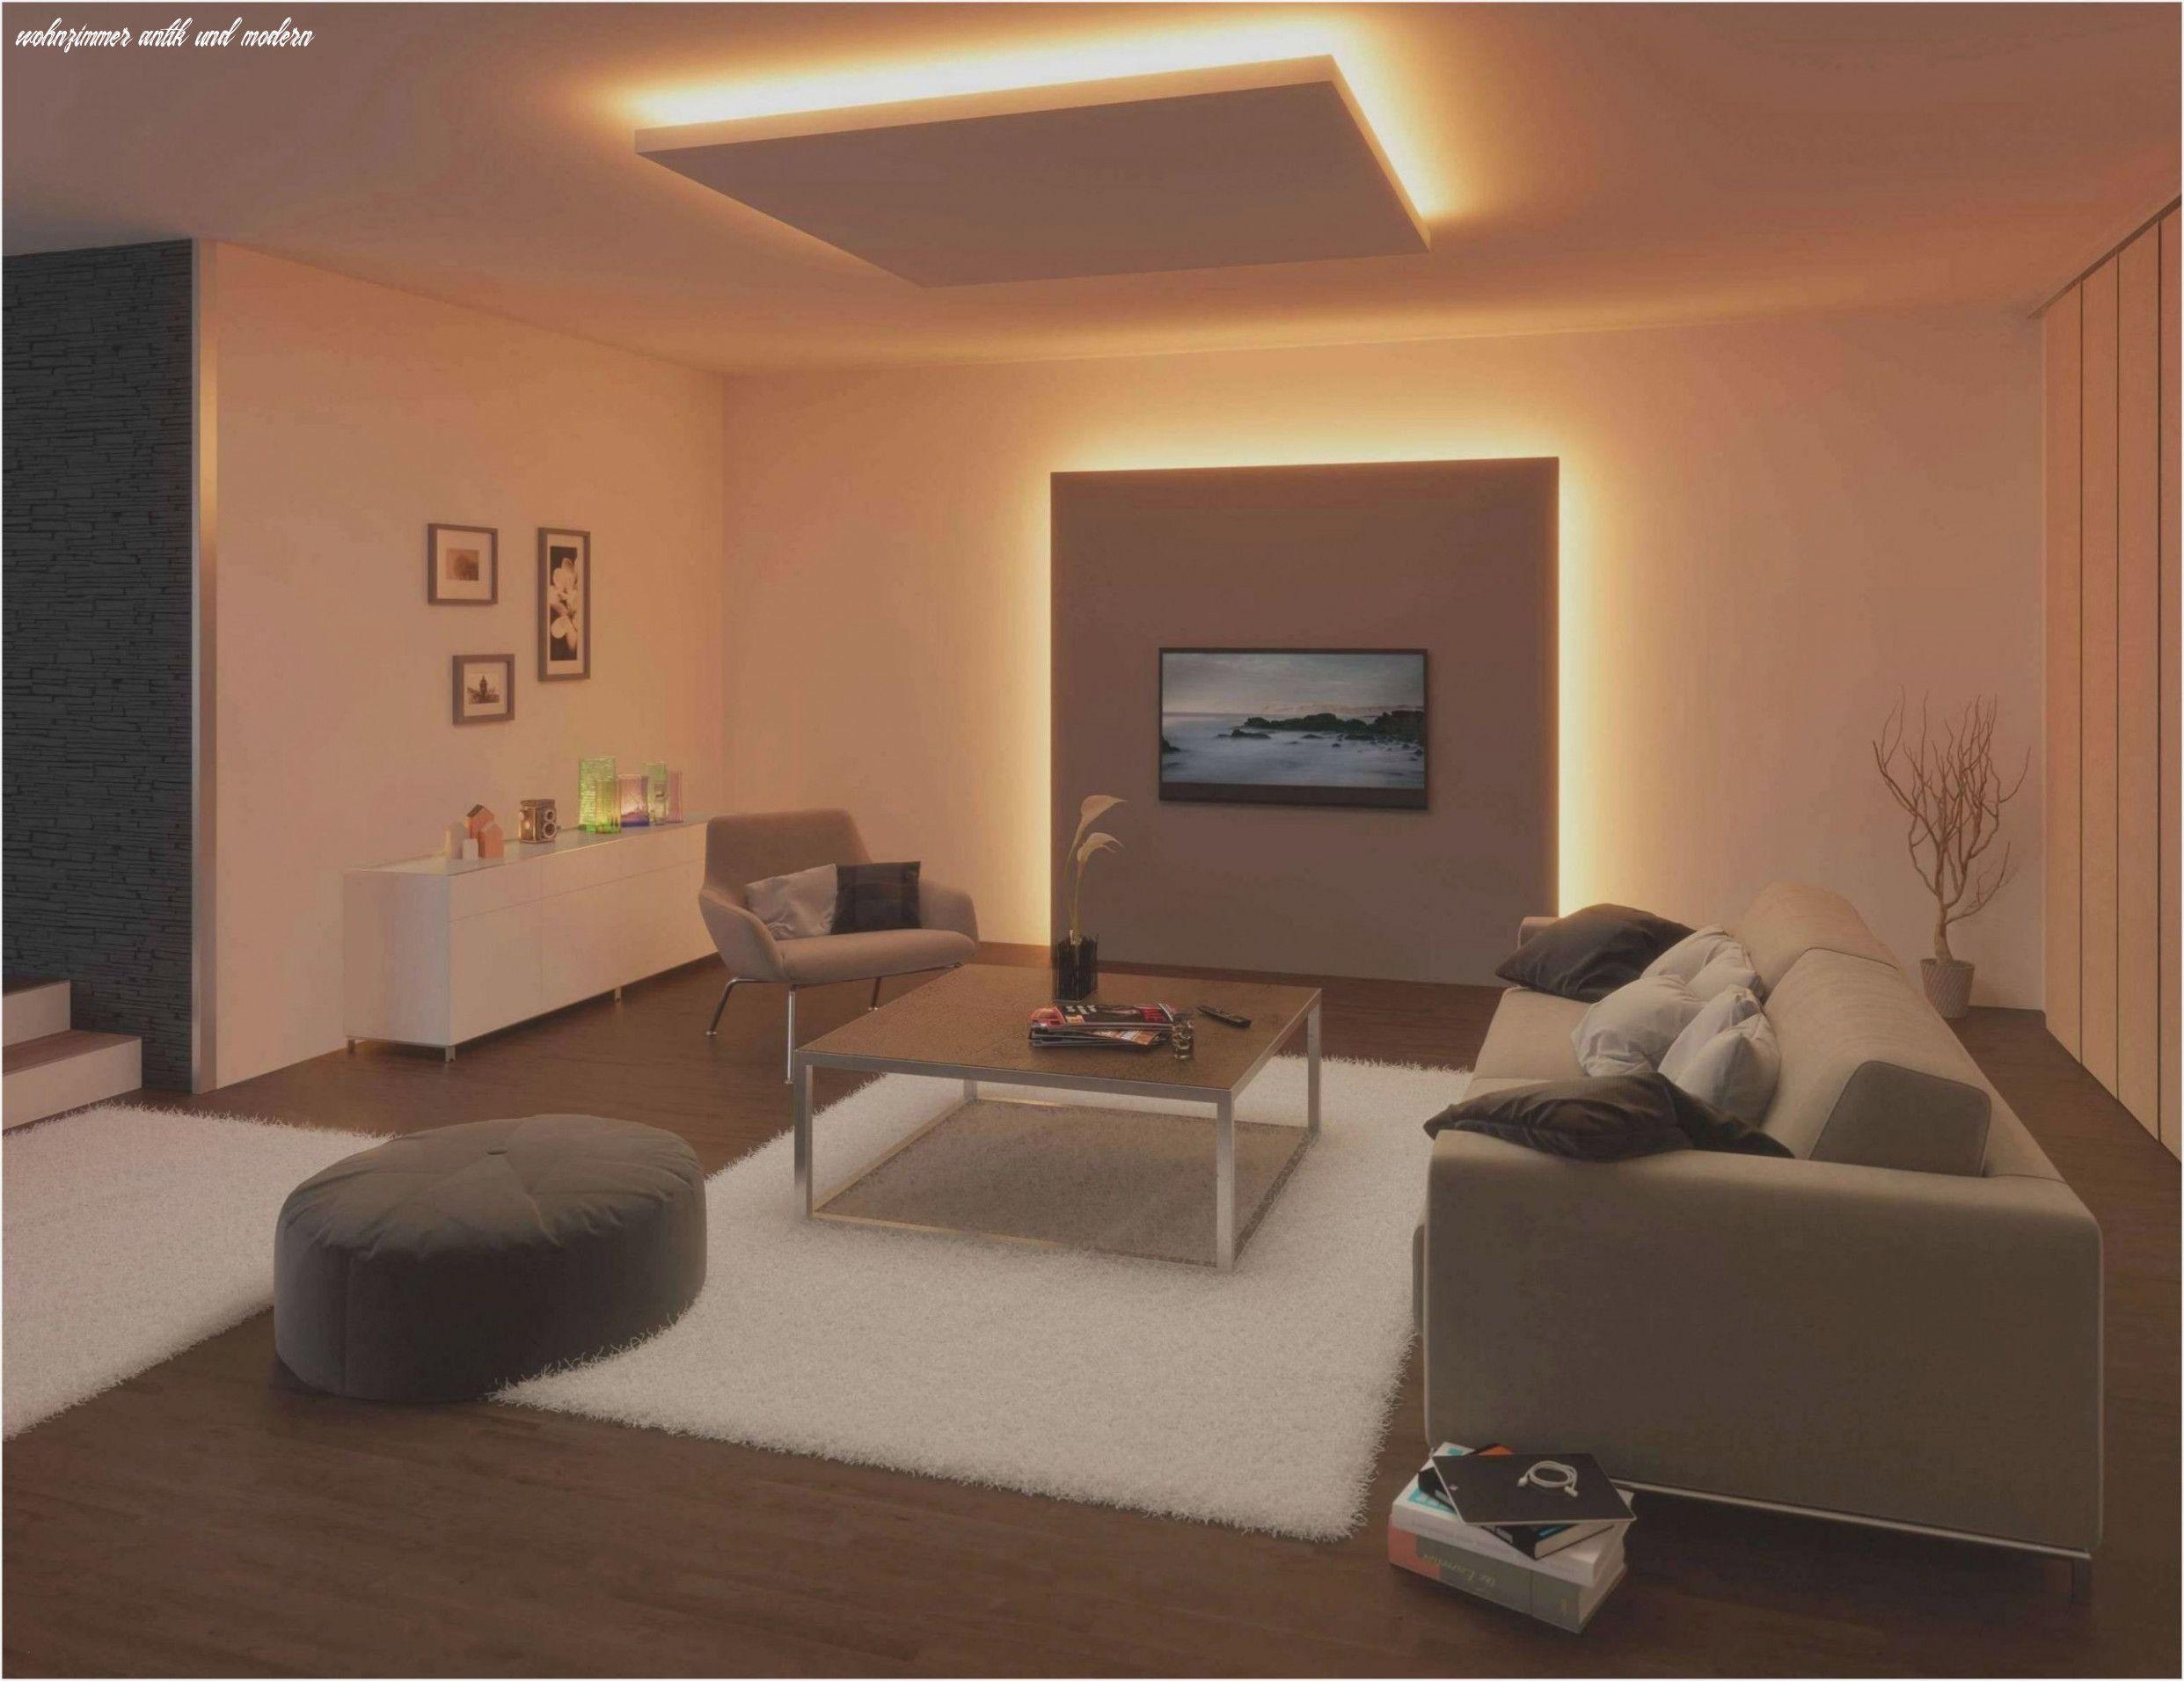 So Wird Wohnzimmer Antik Und Modern In 8 Jahren Aussehen in 8